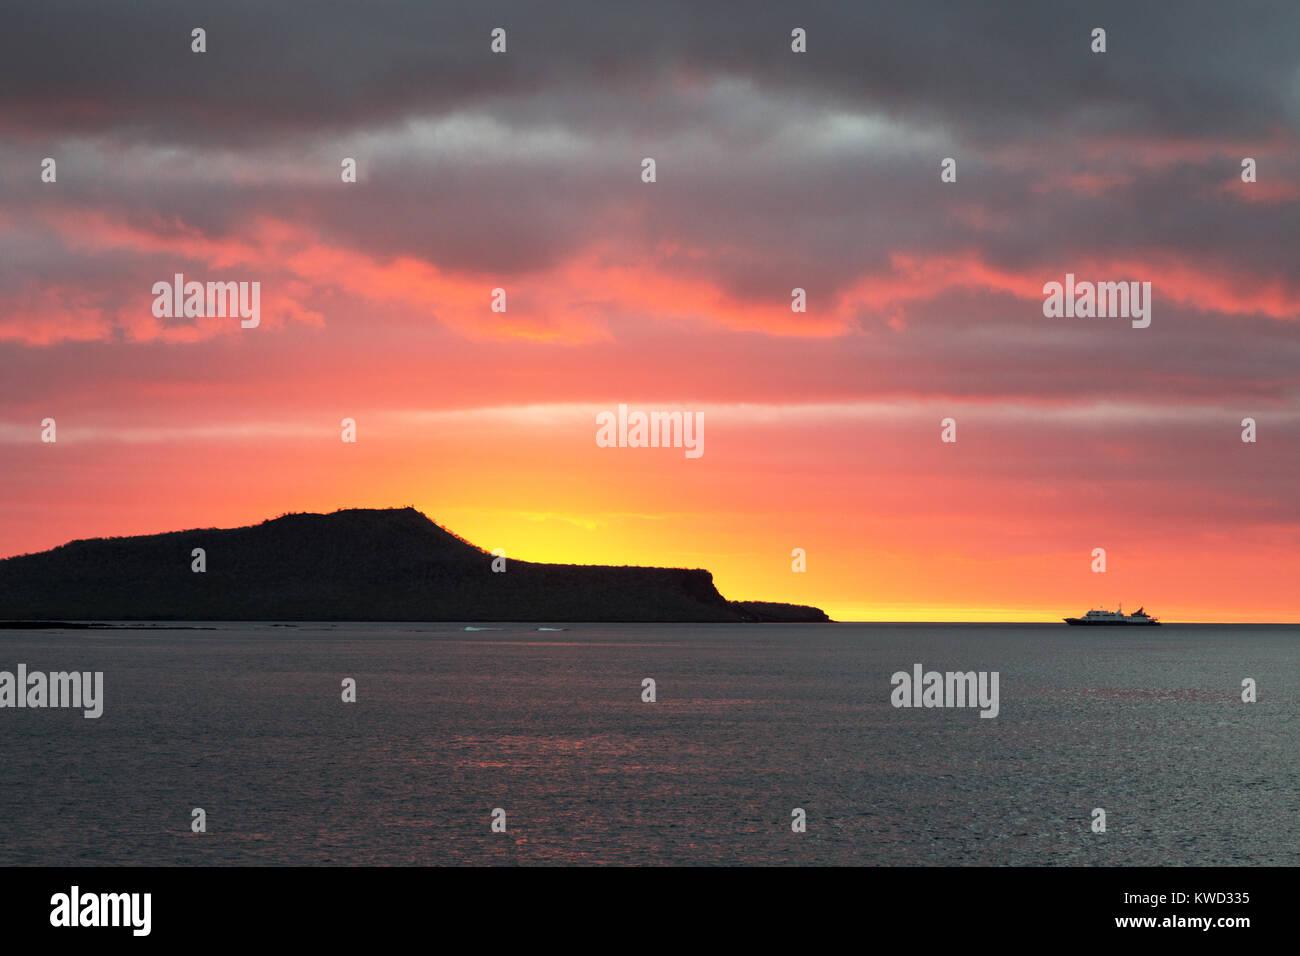 Voyage Galapagos - croisière au coucher du soleil et de l'île Floreana, Galapagos, Equateur Amérique Photo Stock